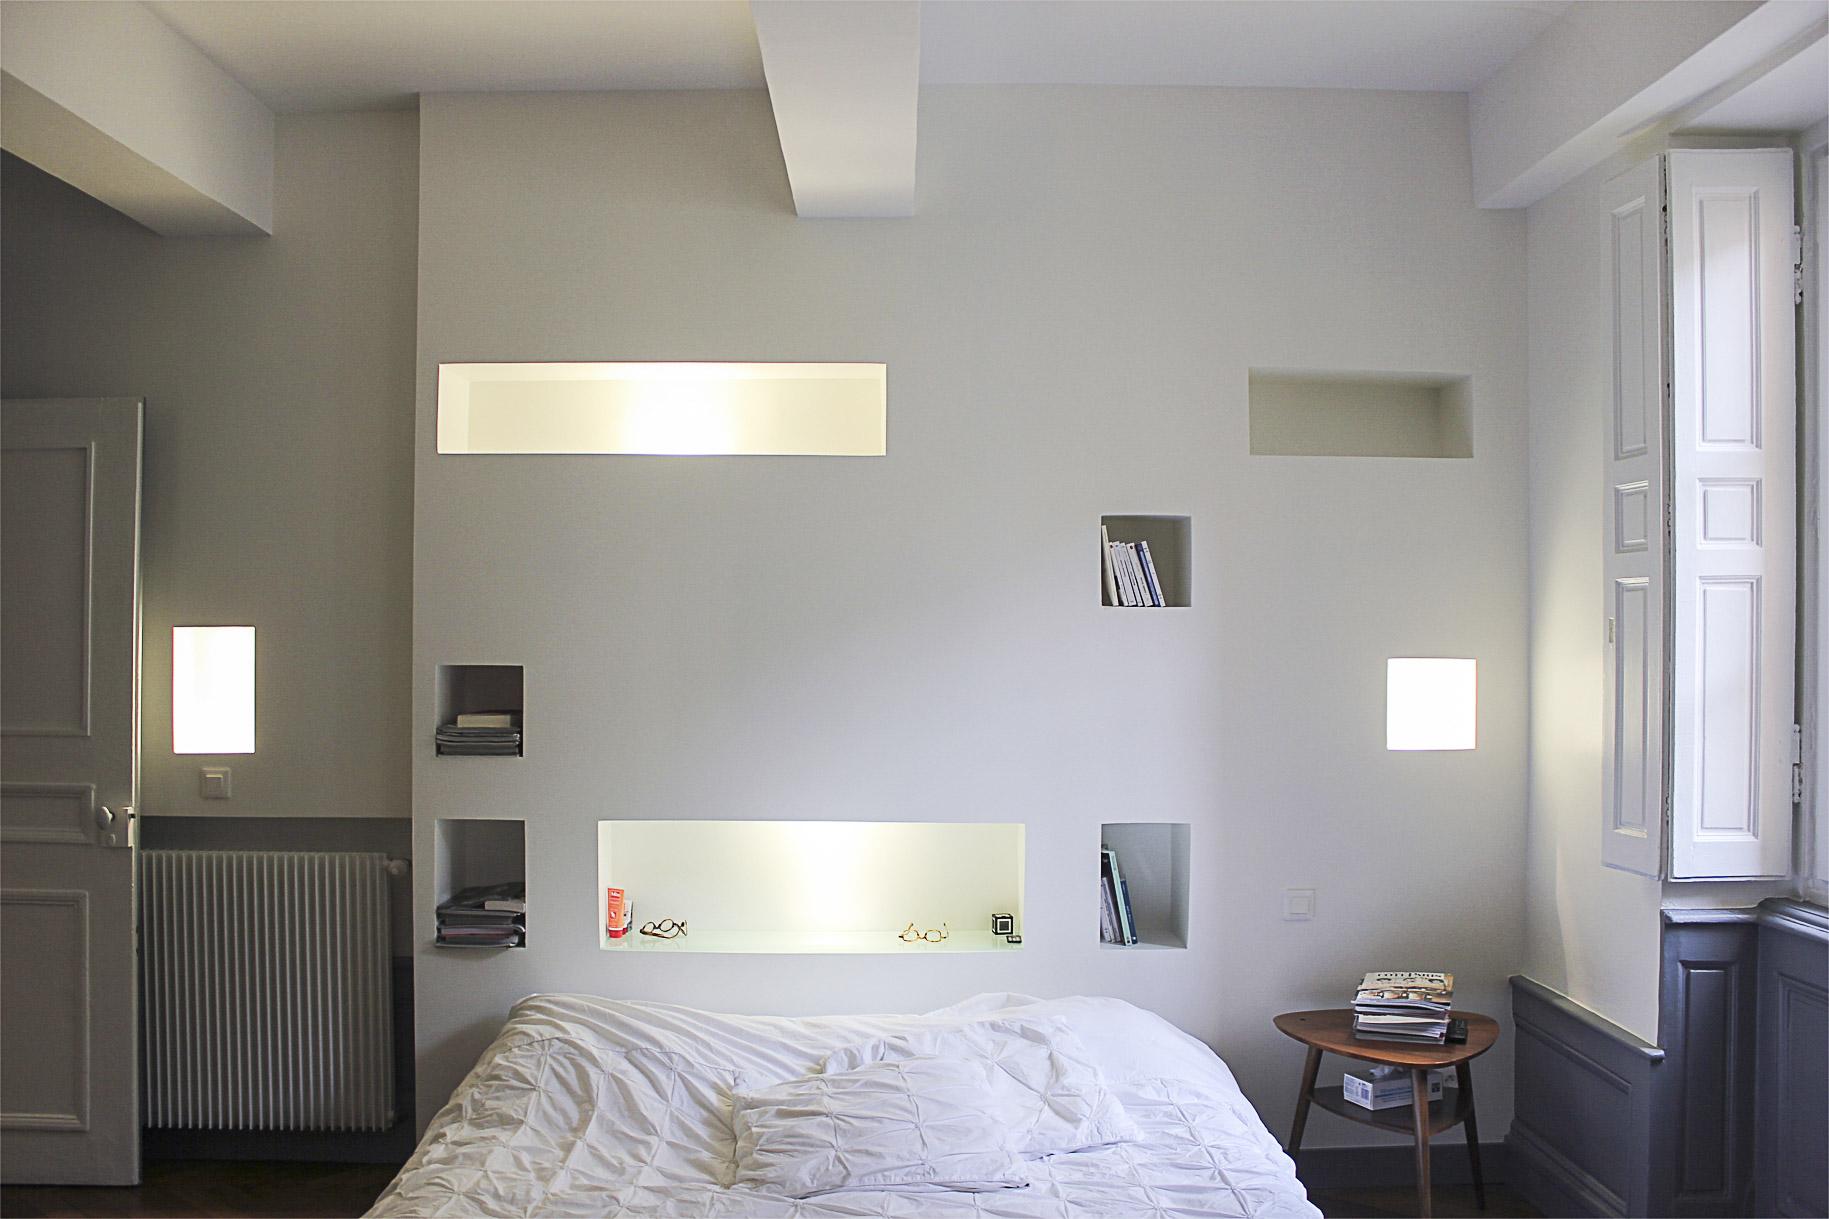 rénovation_lyon_aménagement_intérieur_architecte_appartement_décoration_intérieure-3